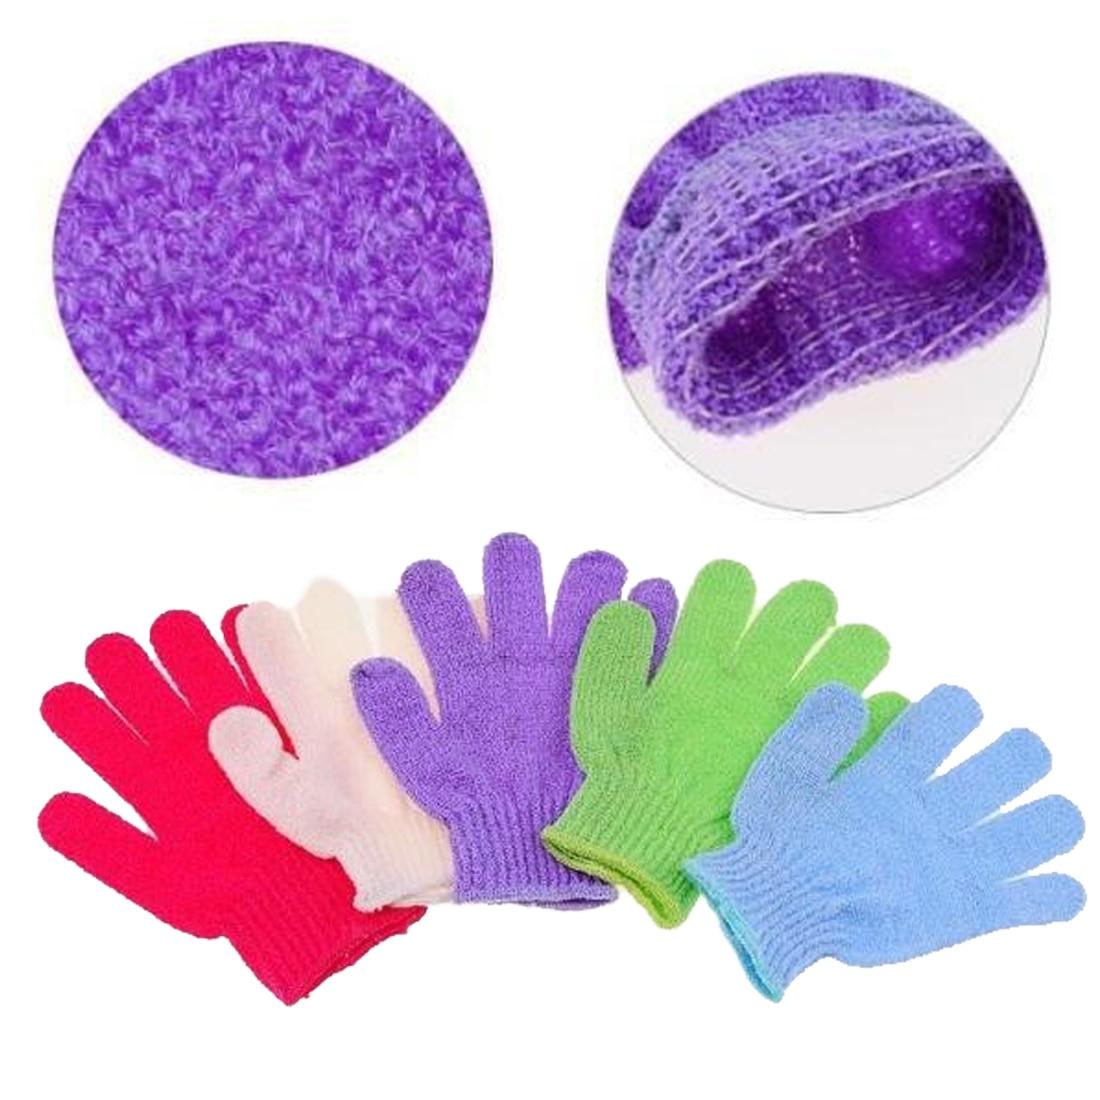 NEW 1PC Shower Bath Gloves Exfoliating Wash Skin Spa Massage Body Scrubber Cleaner Bath Glove